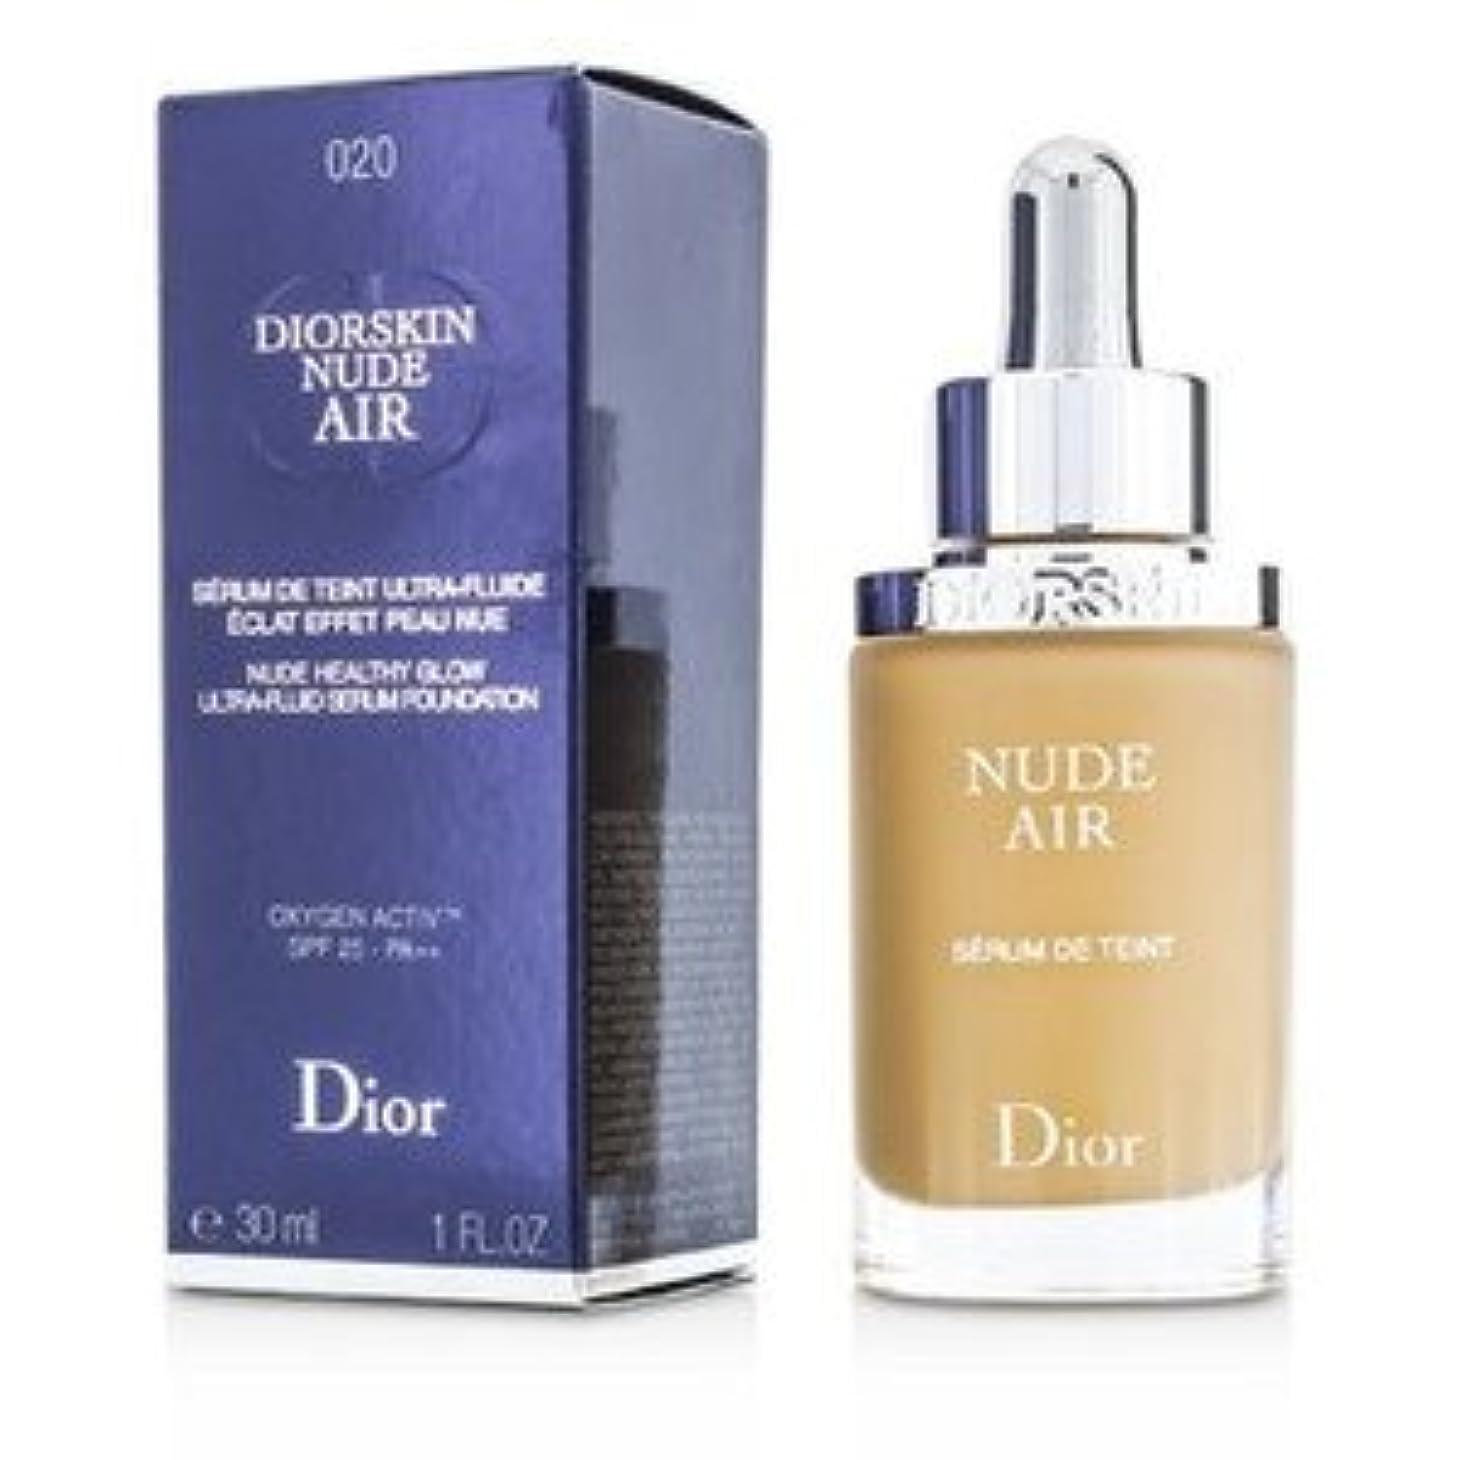 叫び声エキスパート愛情Dior(ディオール) ディオールスキン ヌード エアー セラム ファンデーション SPF25 #020 Light Beige 30ml/1oz [並行輸入品]